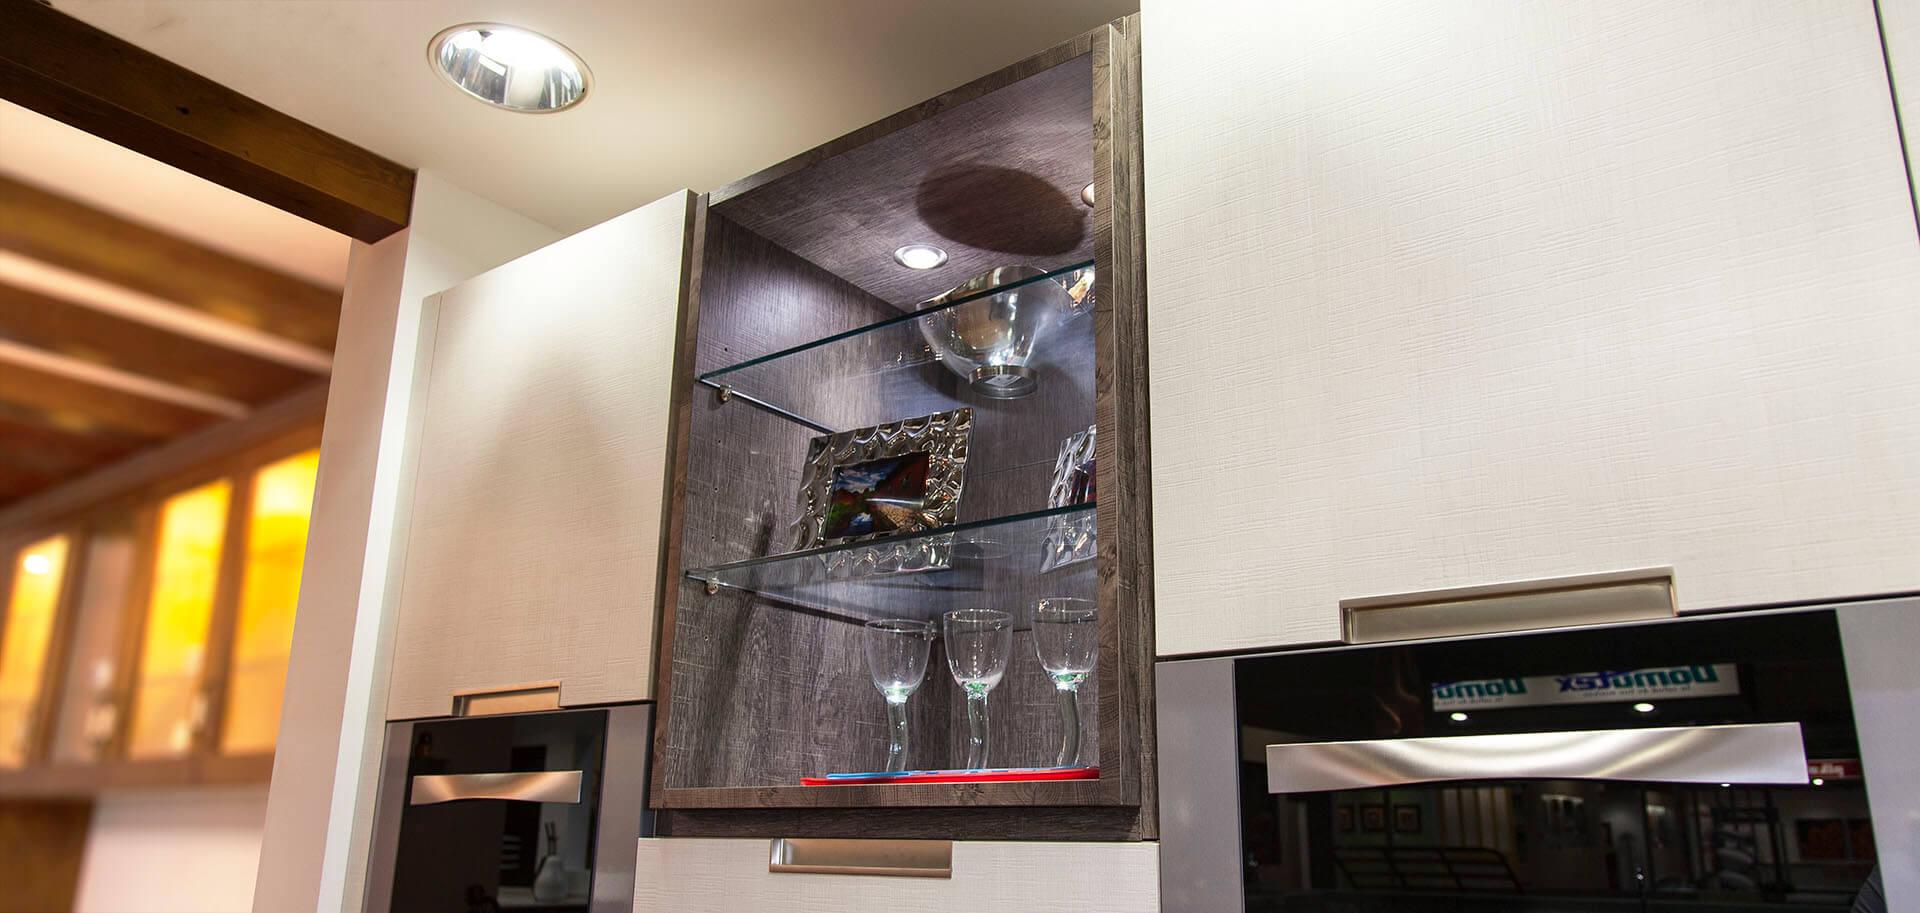 Hueco visto cocina carlota lasan decoracion - Muebles de cocina lasan ...